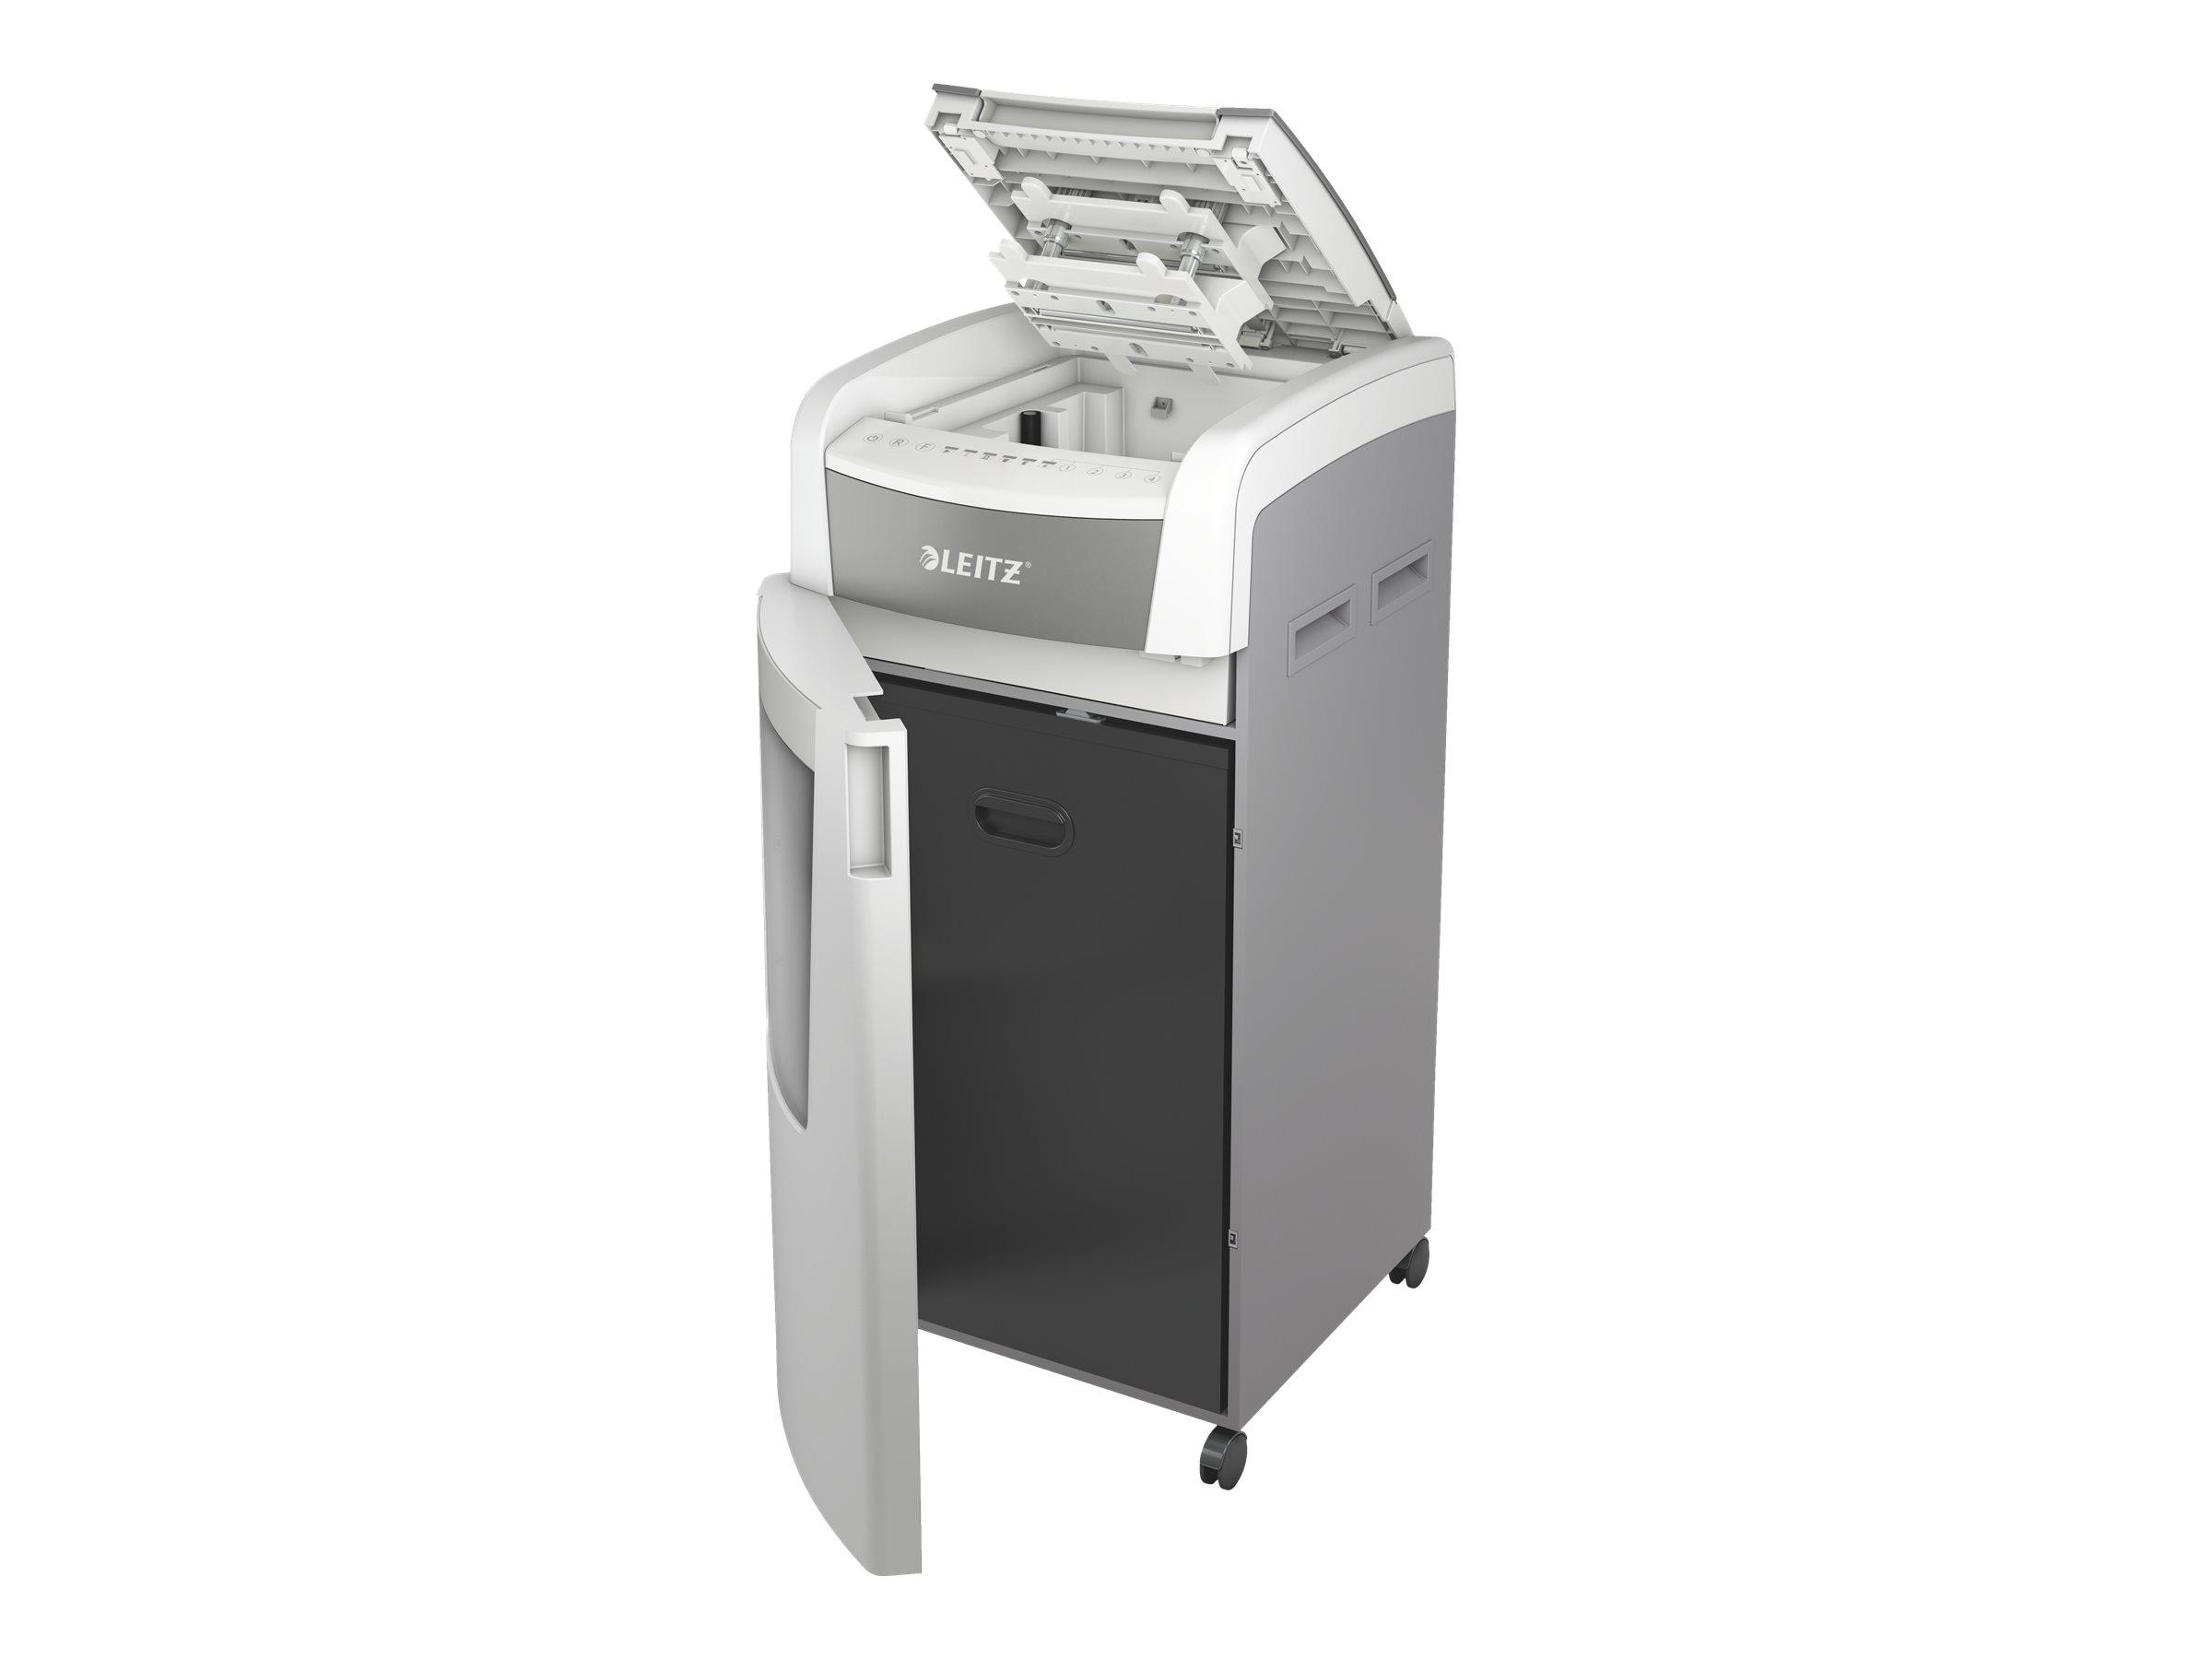 Leitz IQ AutoFeed Office Pro 600 P5 - Vorzerkleinerer - Mikroschnitt - 2 x 15 mm - P-5